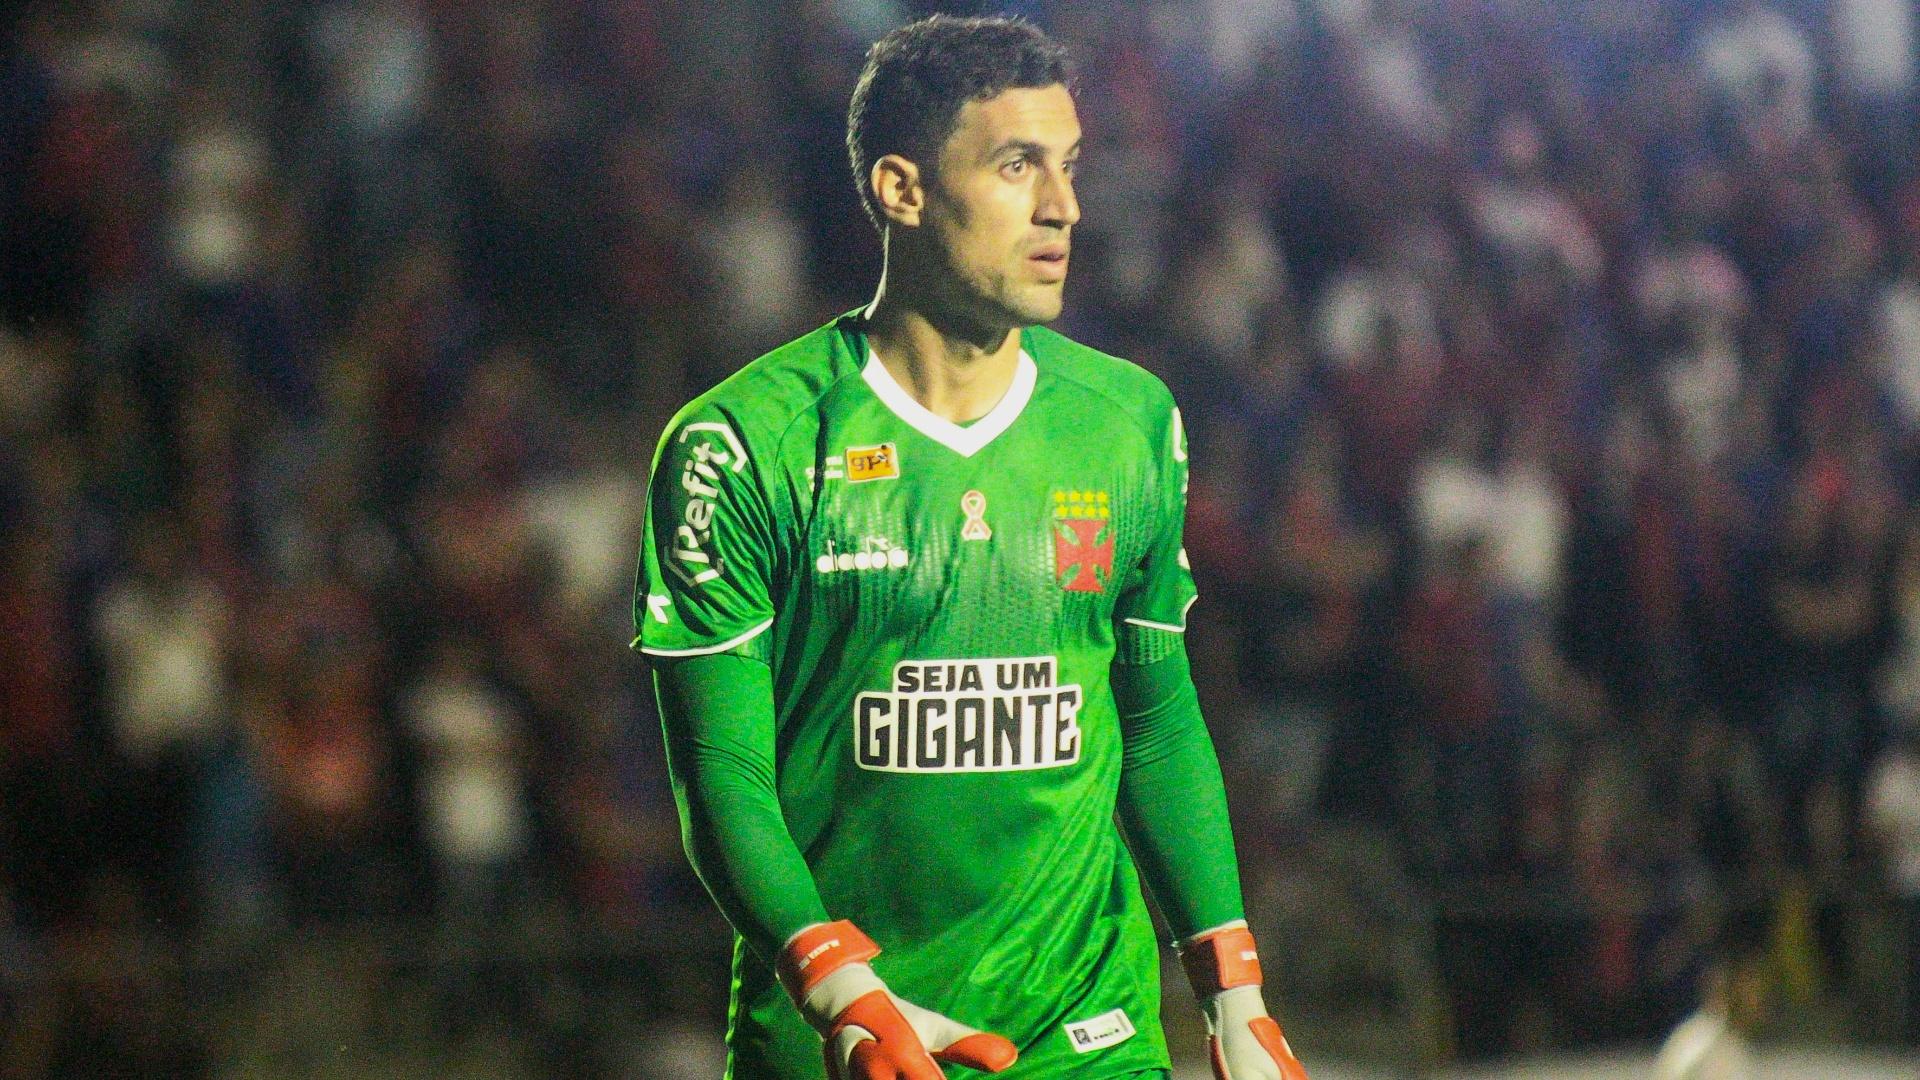 Martín Silva, do Vasco, em ação durante duelo contra o Paraná Clube